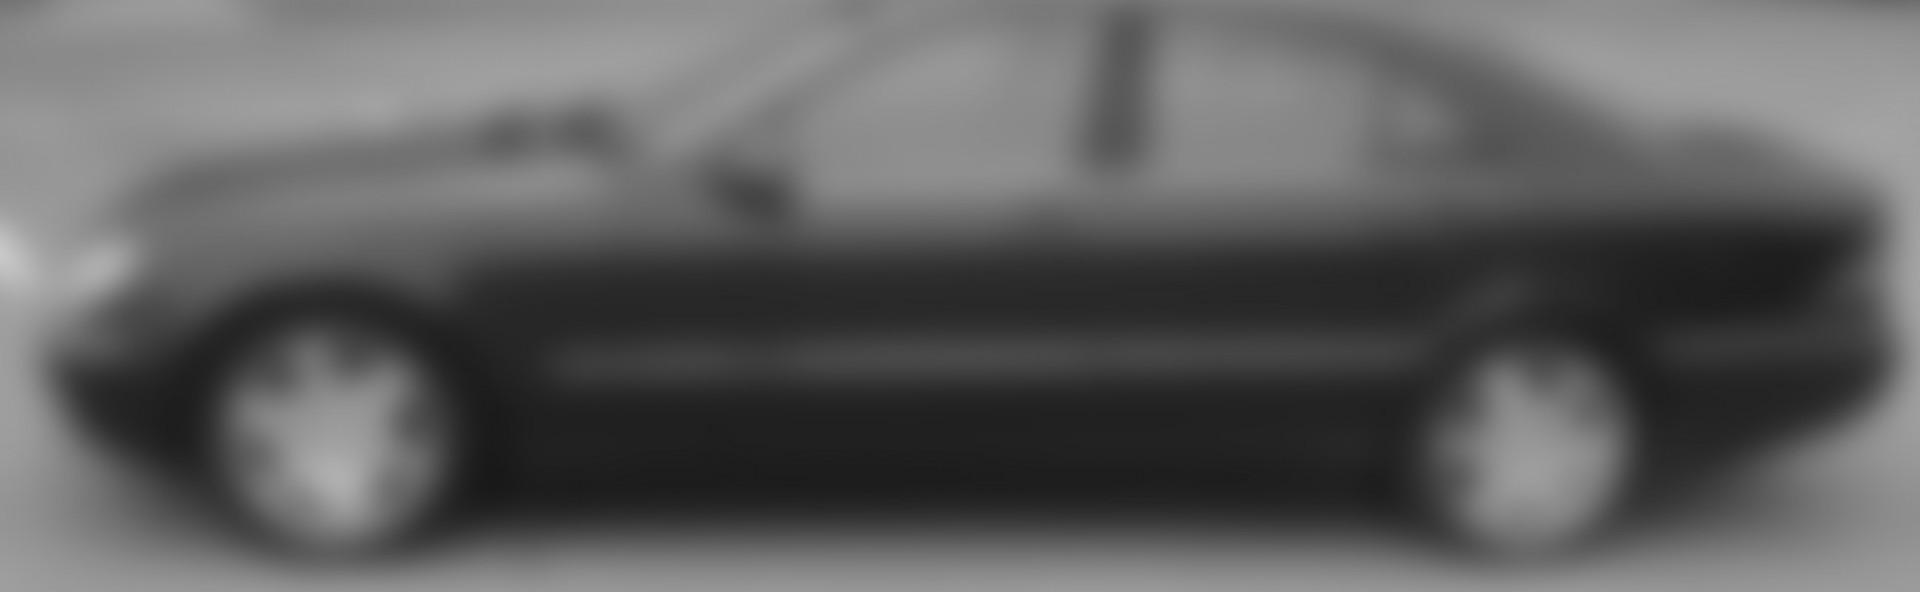 S500-011_blur